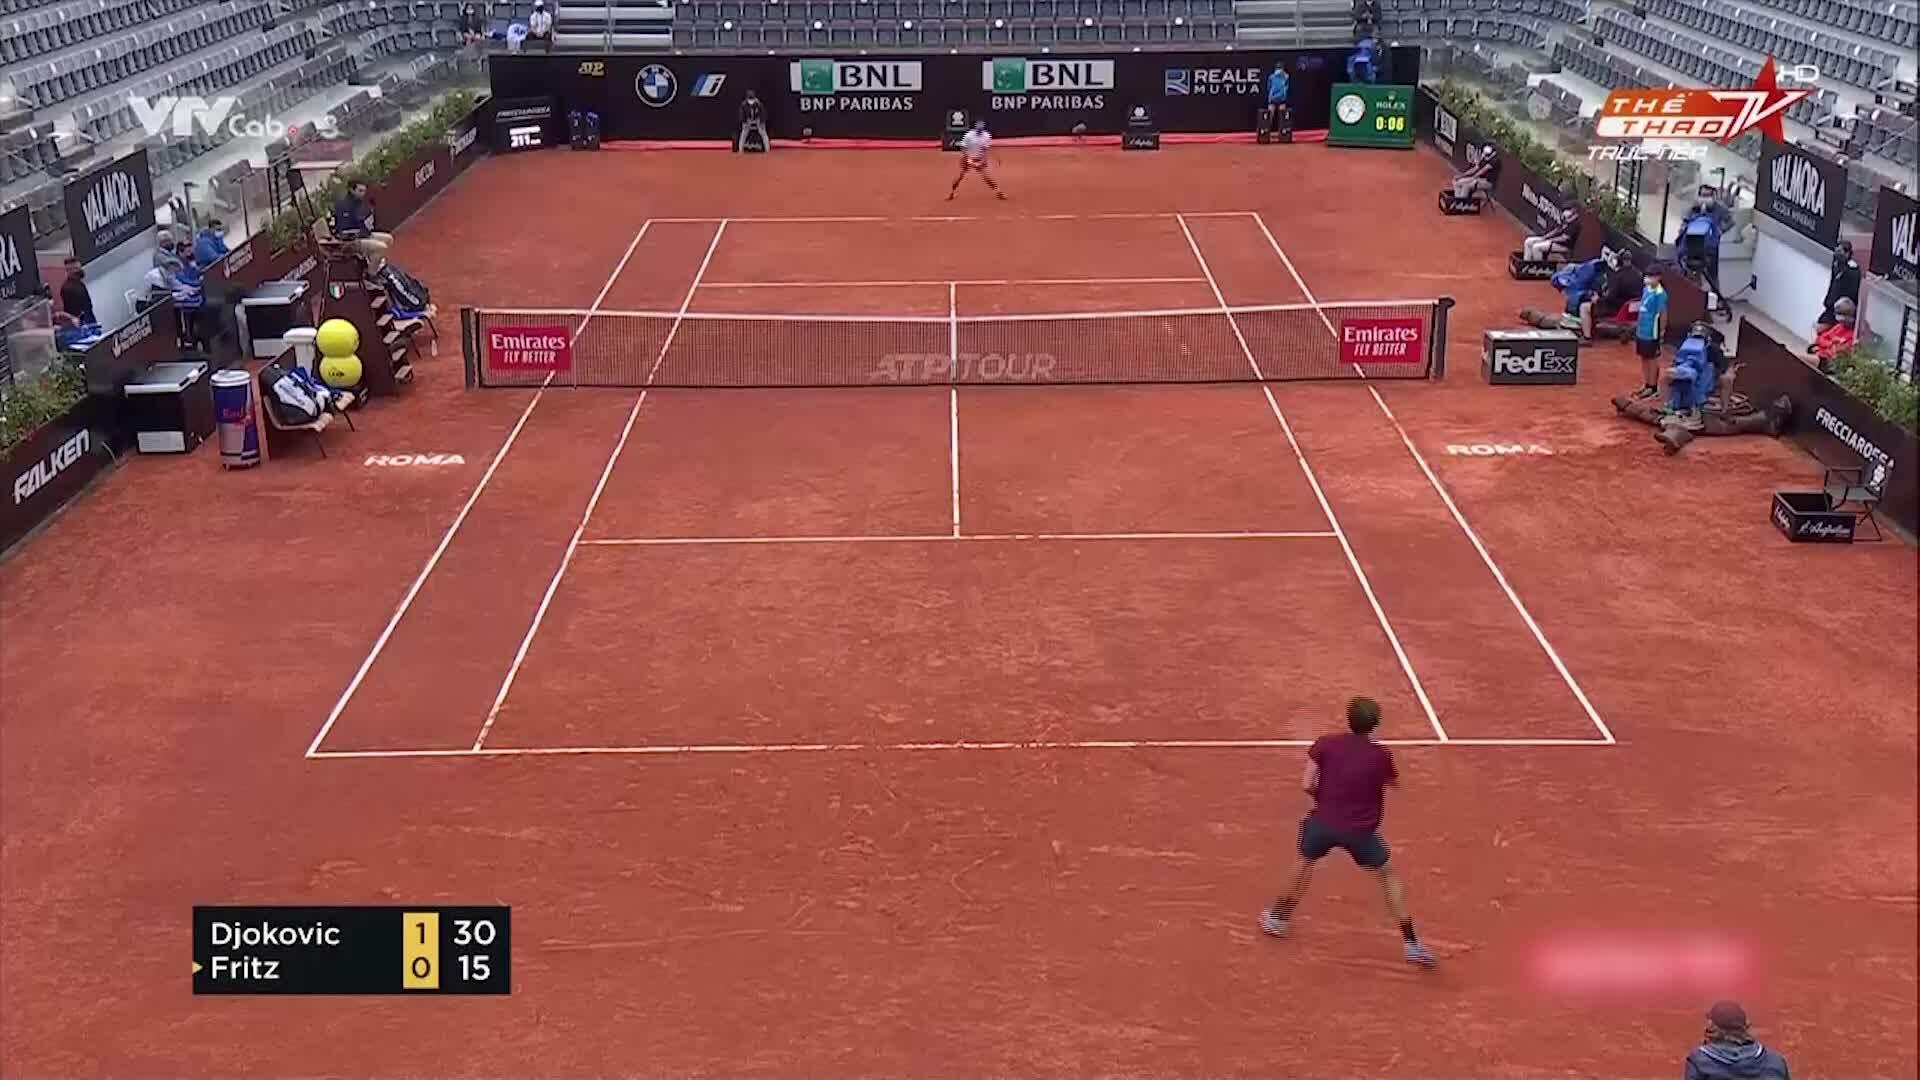 Djokovic 2-0 Fritz